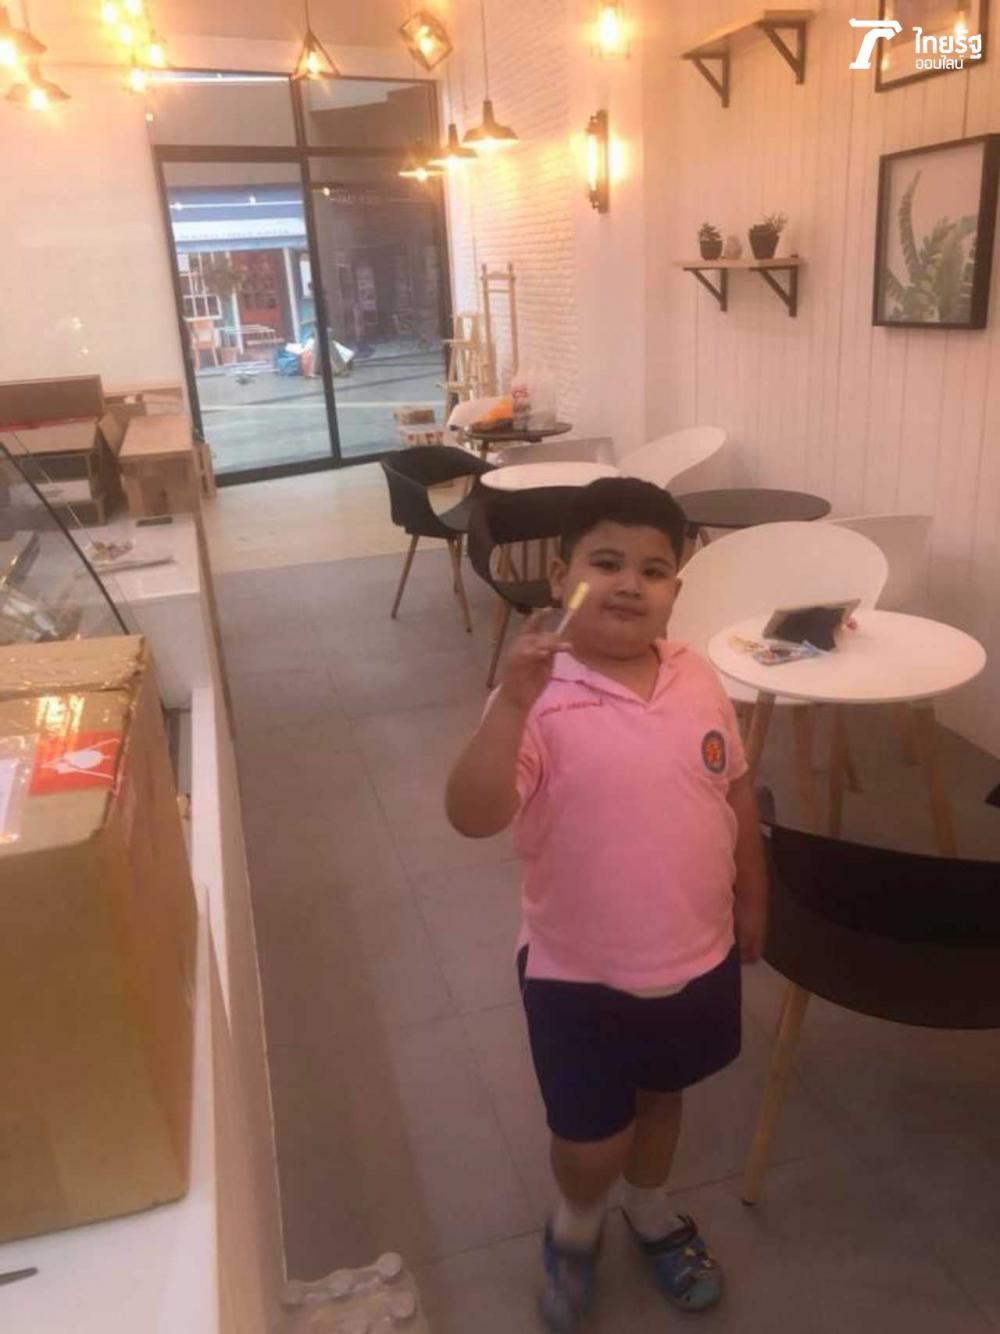 วานก่อนน้องปังปอนด์ไปแวะร้านกาแฟนของพี่เคน และพี่เอสเธอร์